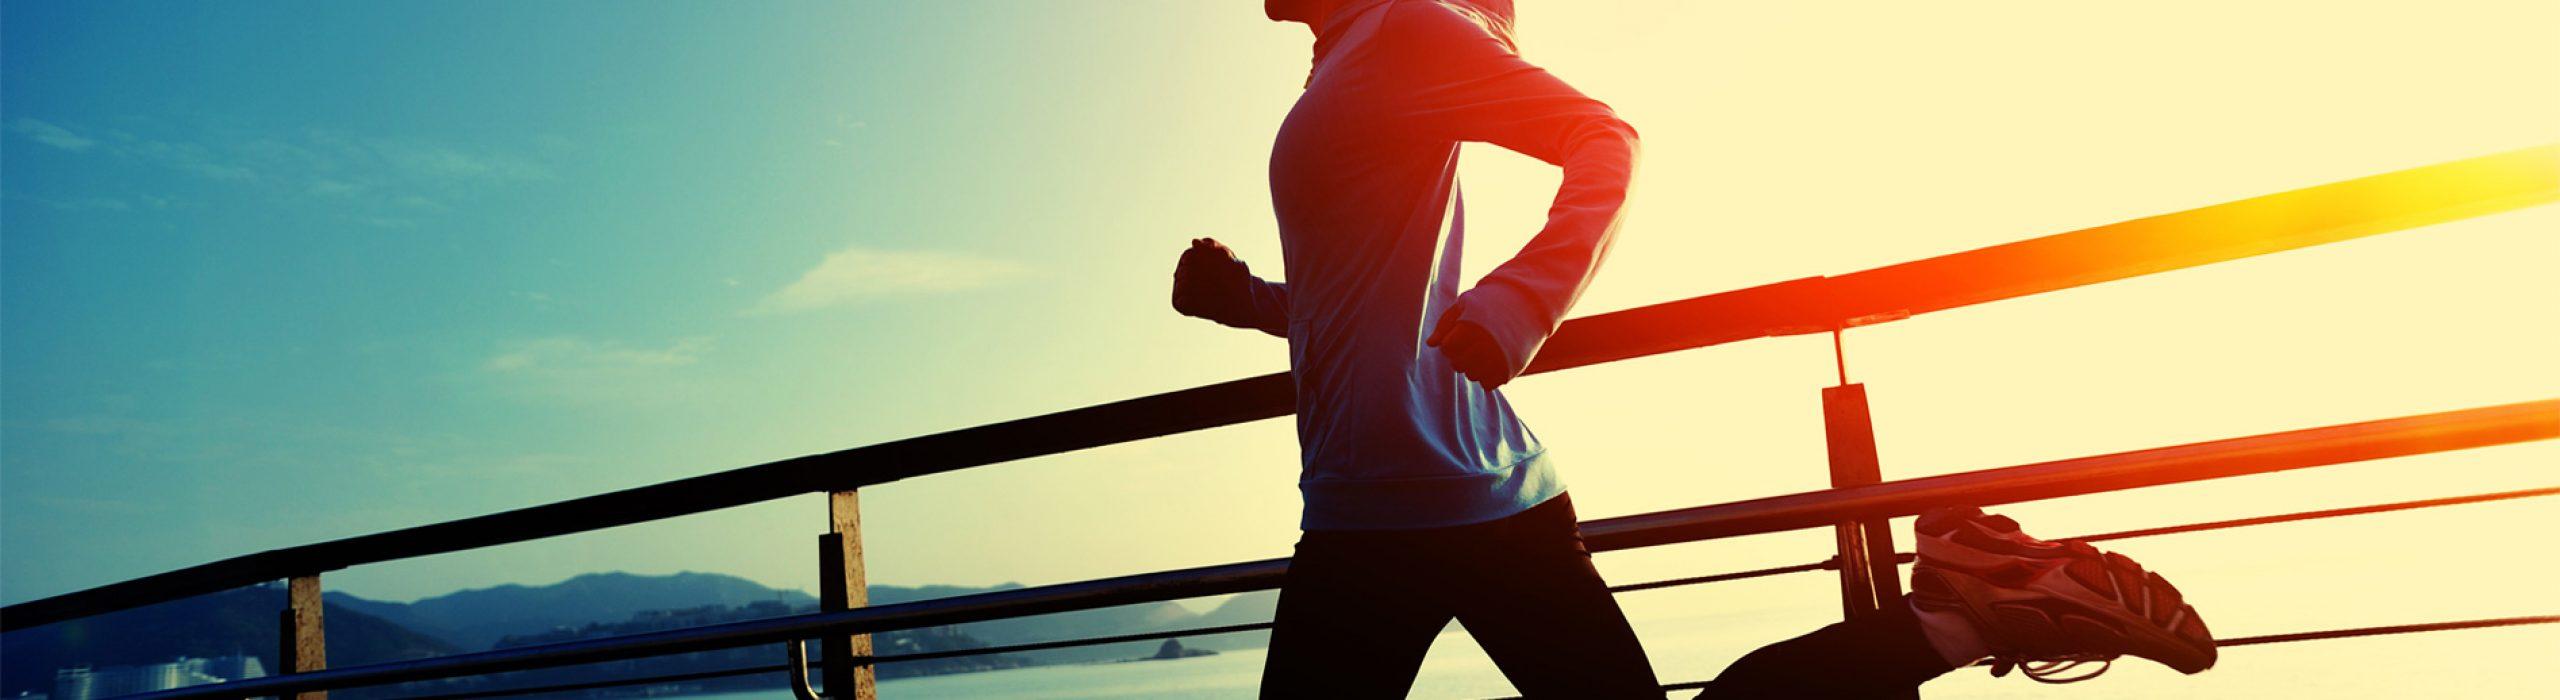 Dieta cetogênica: amiga ou vilã do esporte?